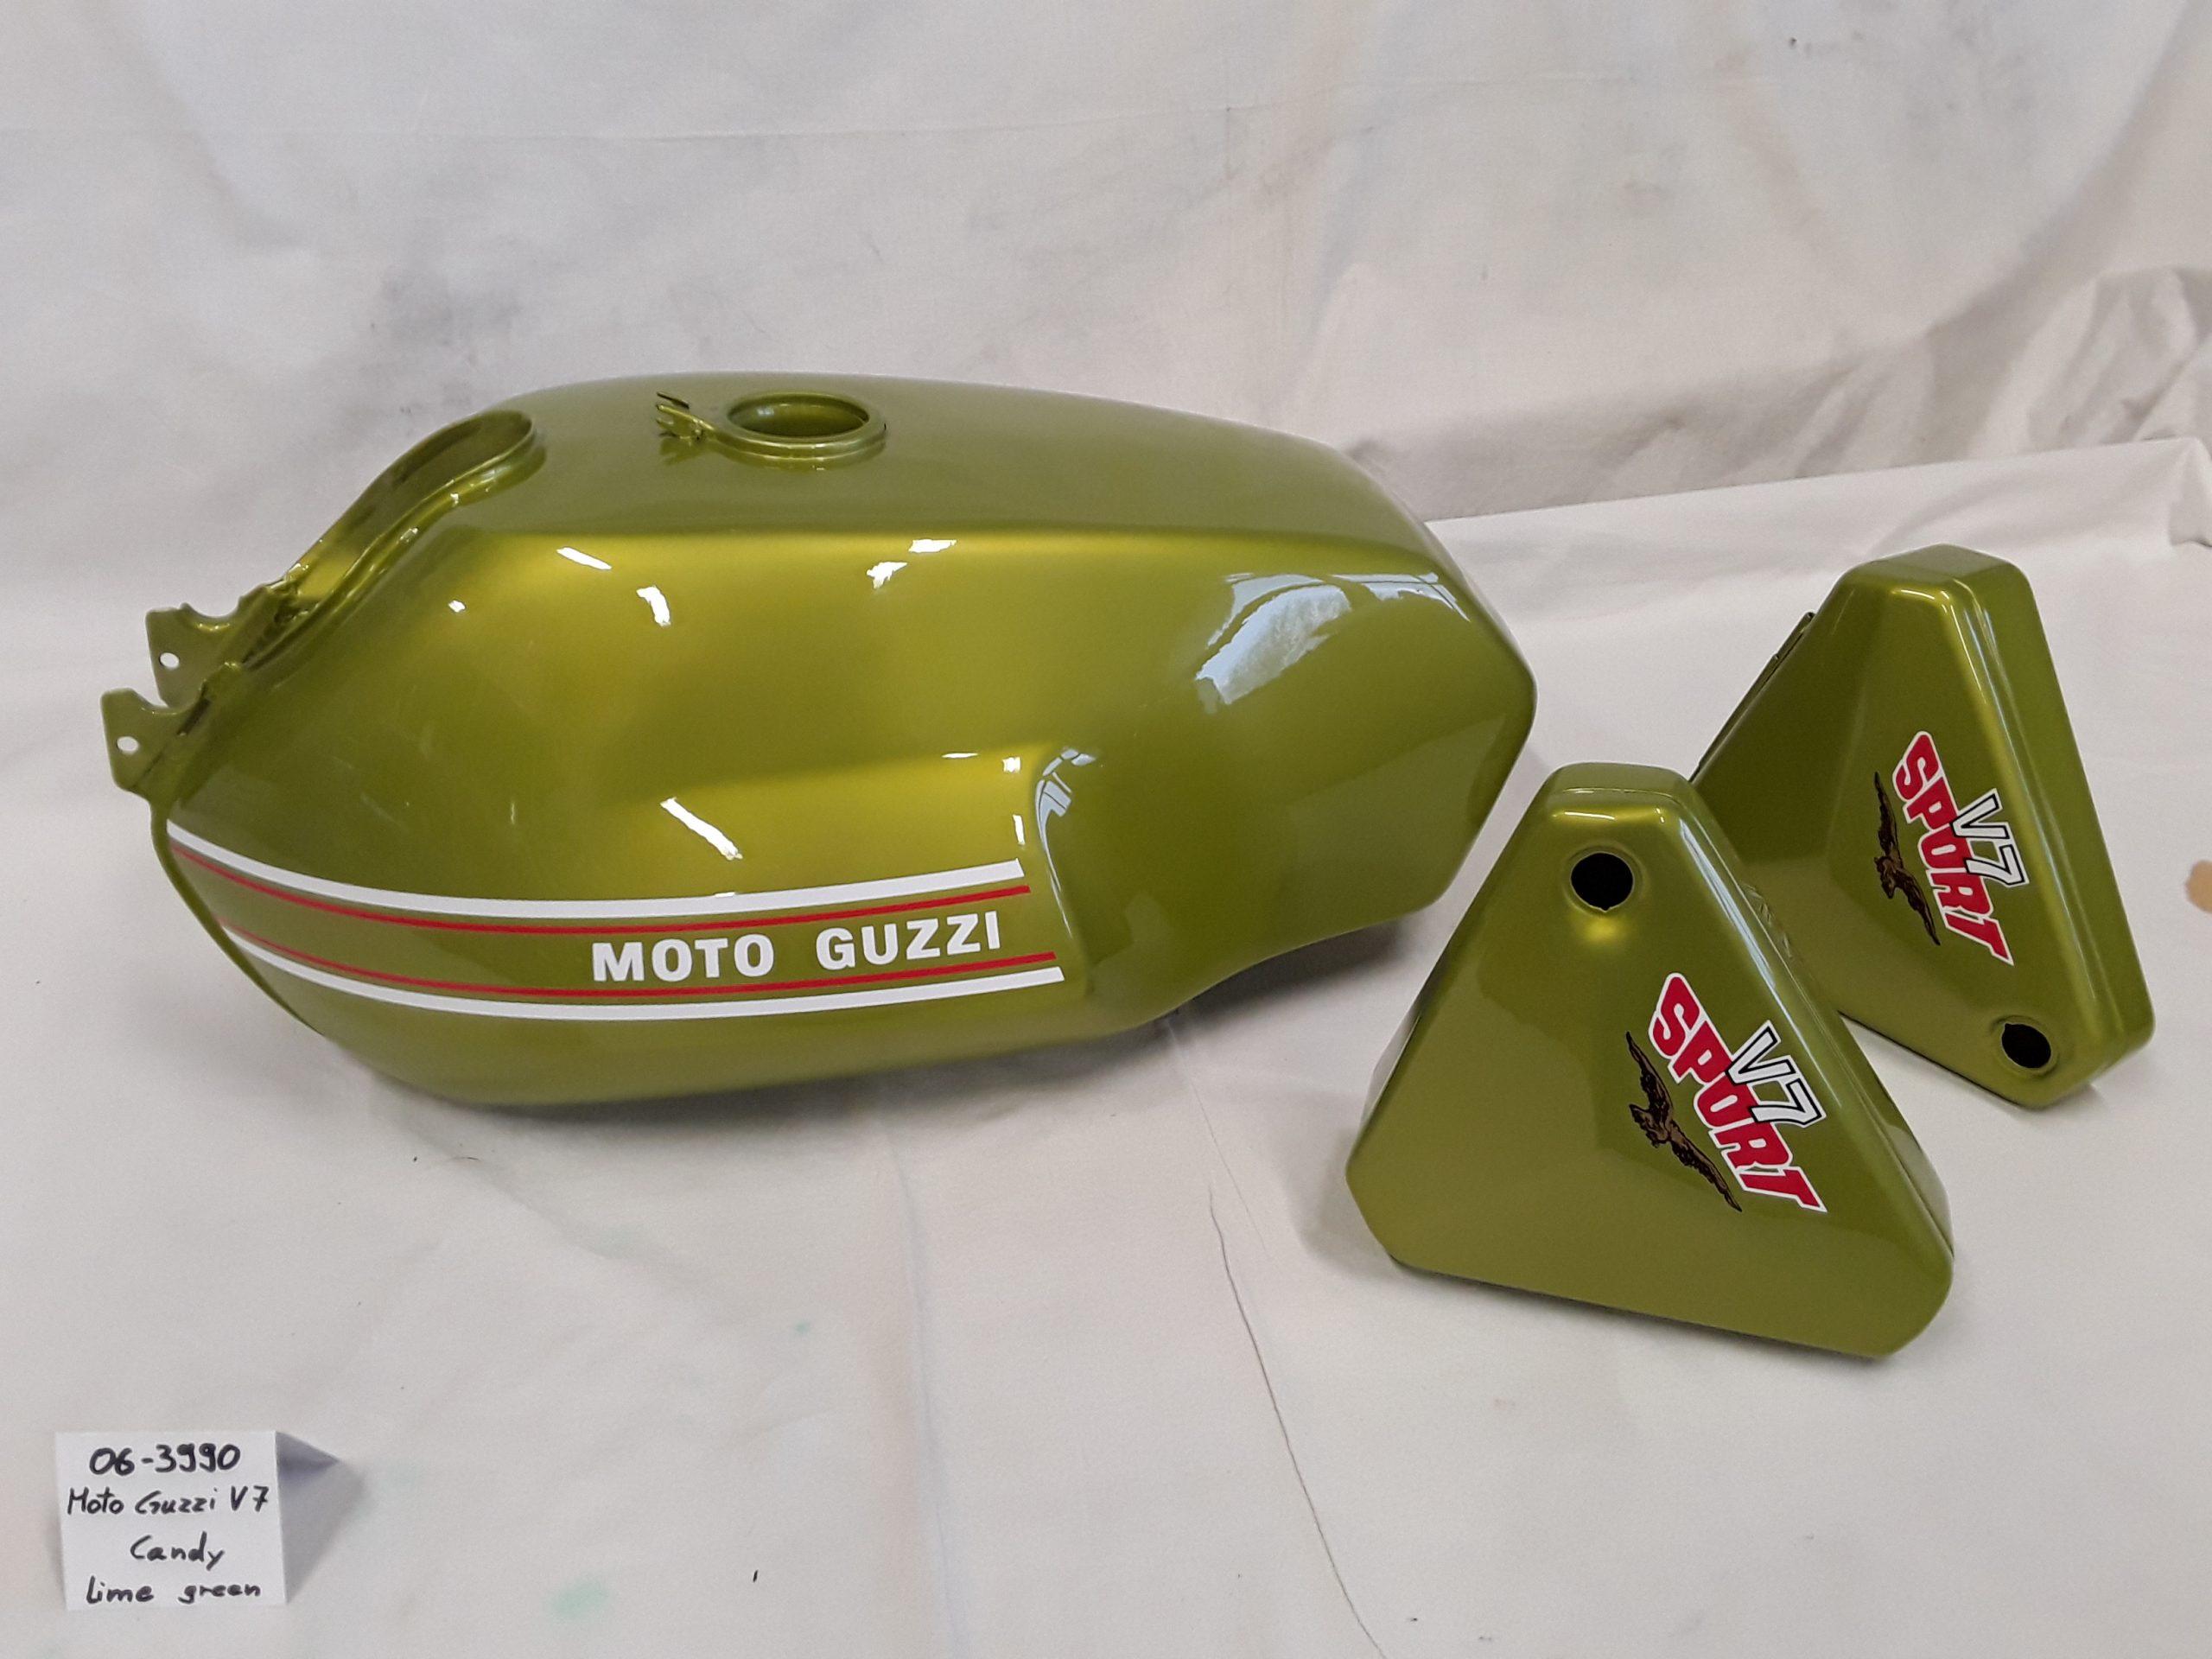 MotoGuzzi V7 Sport in MotoGuzzi candy lime green RH-Lacke Lackiererei Motorradlackierung